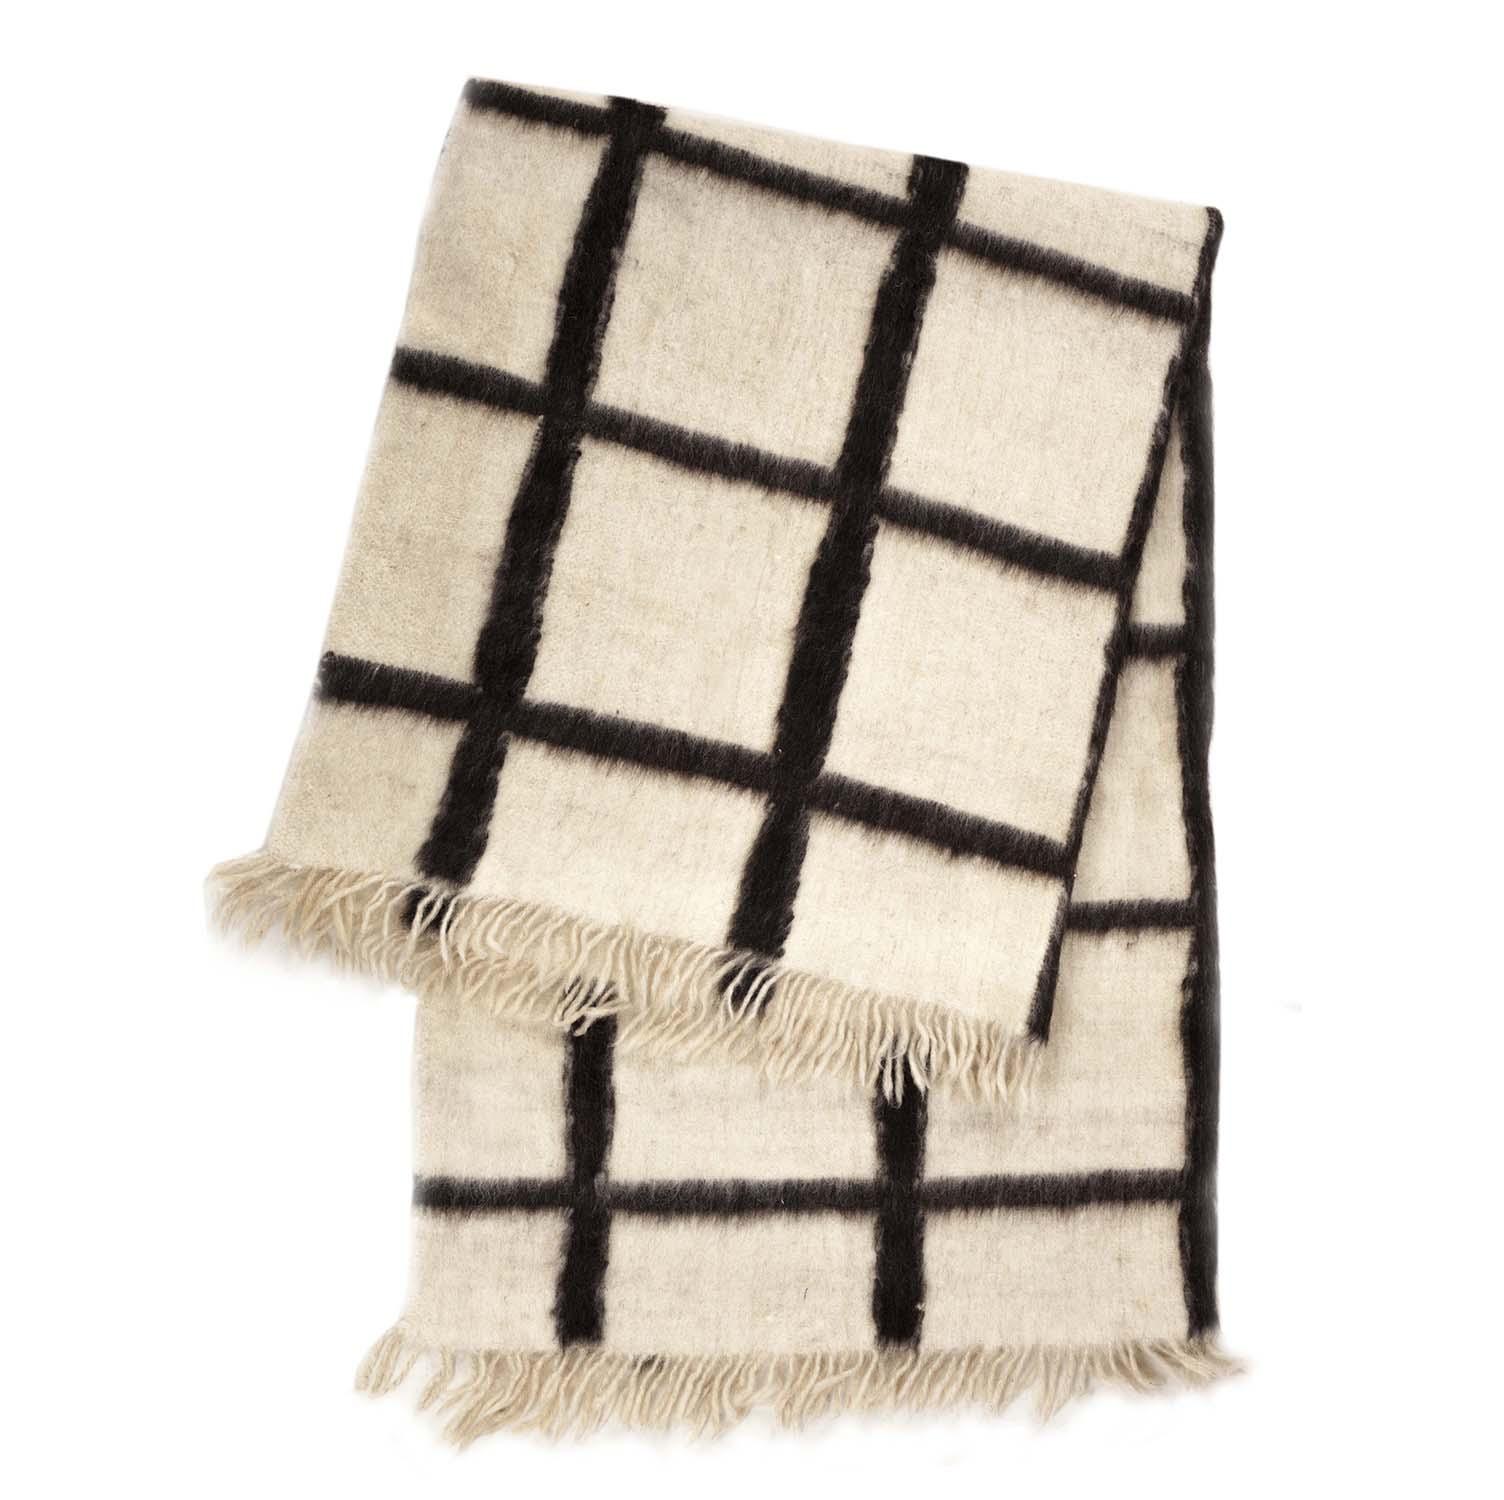 Black White Blanket Folded WEB.jpg